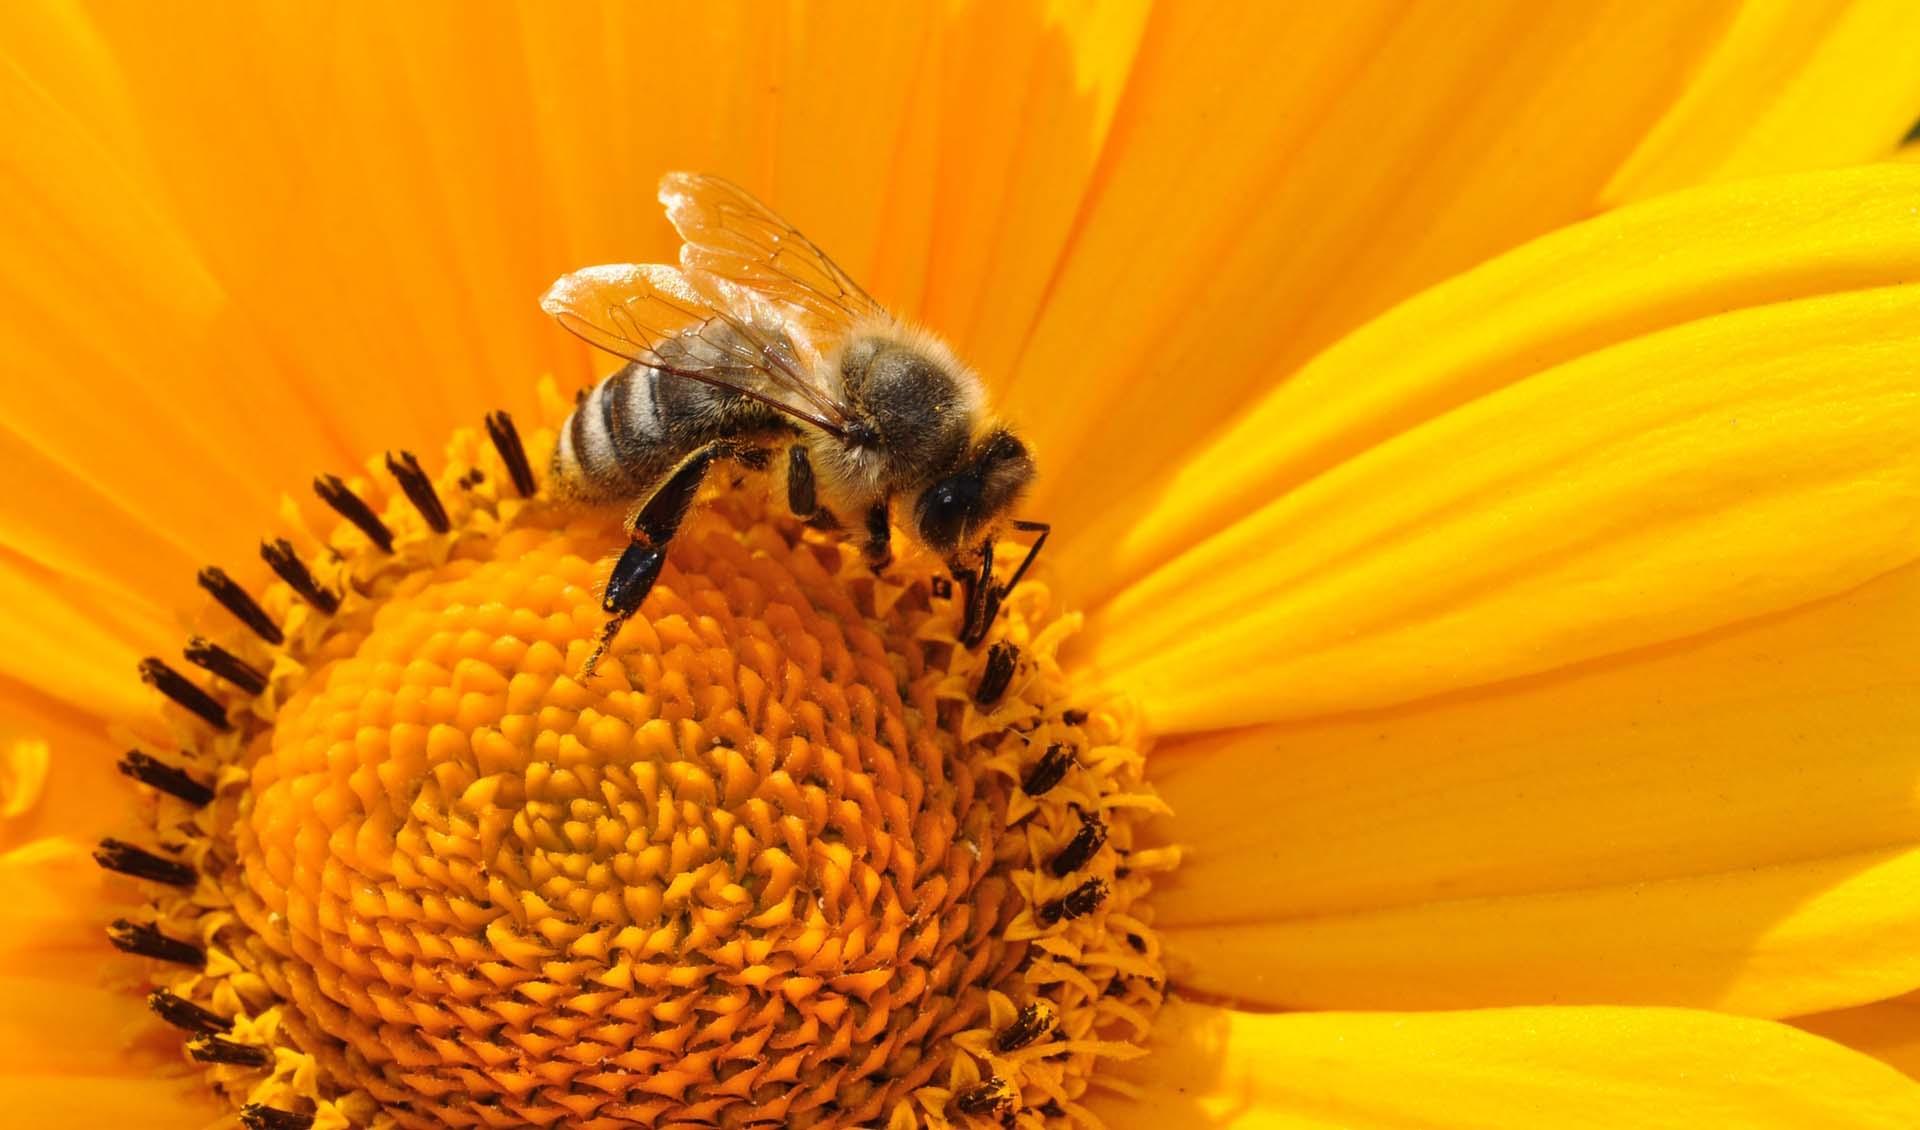 les abeilles seront elles remplac es par des mini drones pollinisateurs sciences numerama. Black Bedroom Furniture Sets. Home Design Ideas